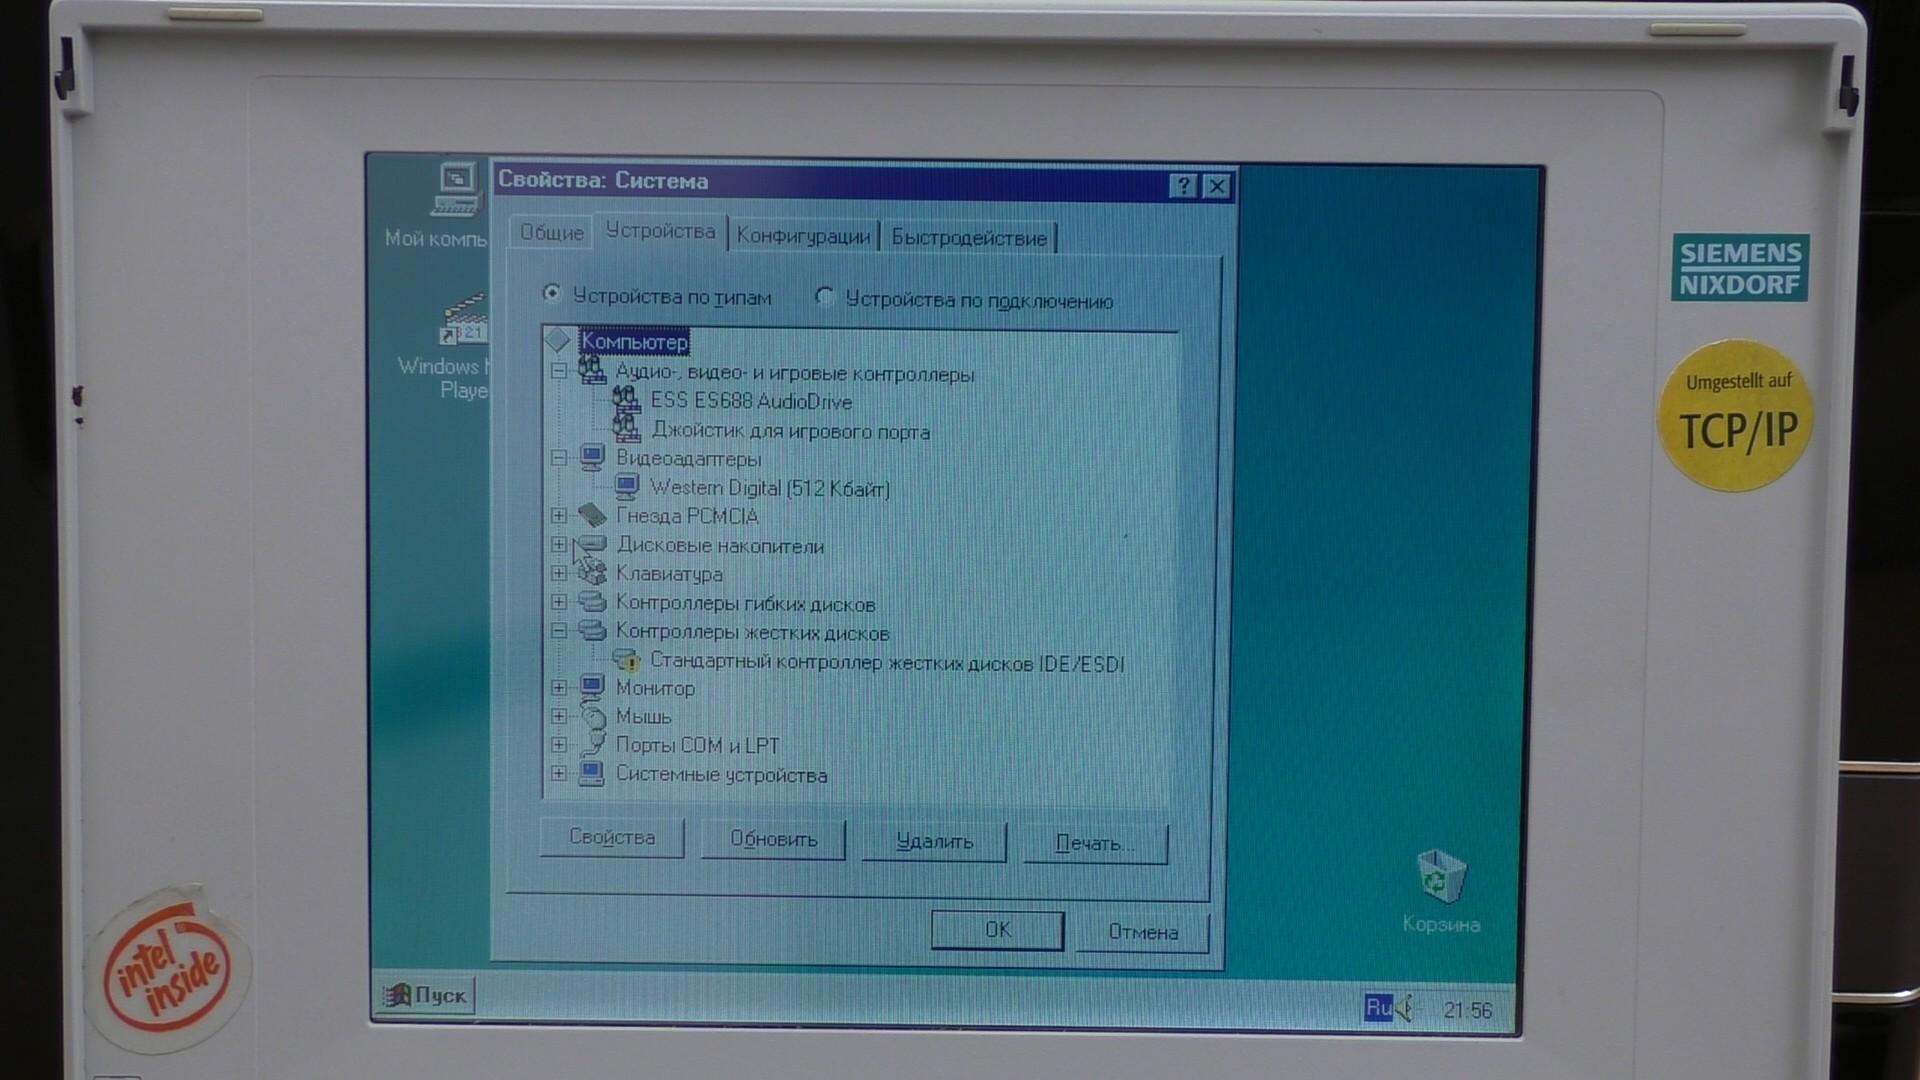 Мощь 80486 на Siemens Nixdorf PCD-4ND (текст и видео — на выбор) - 26